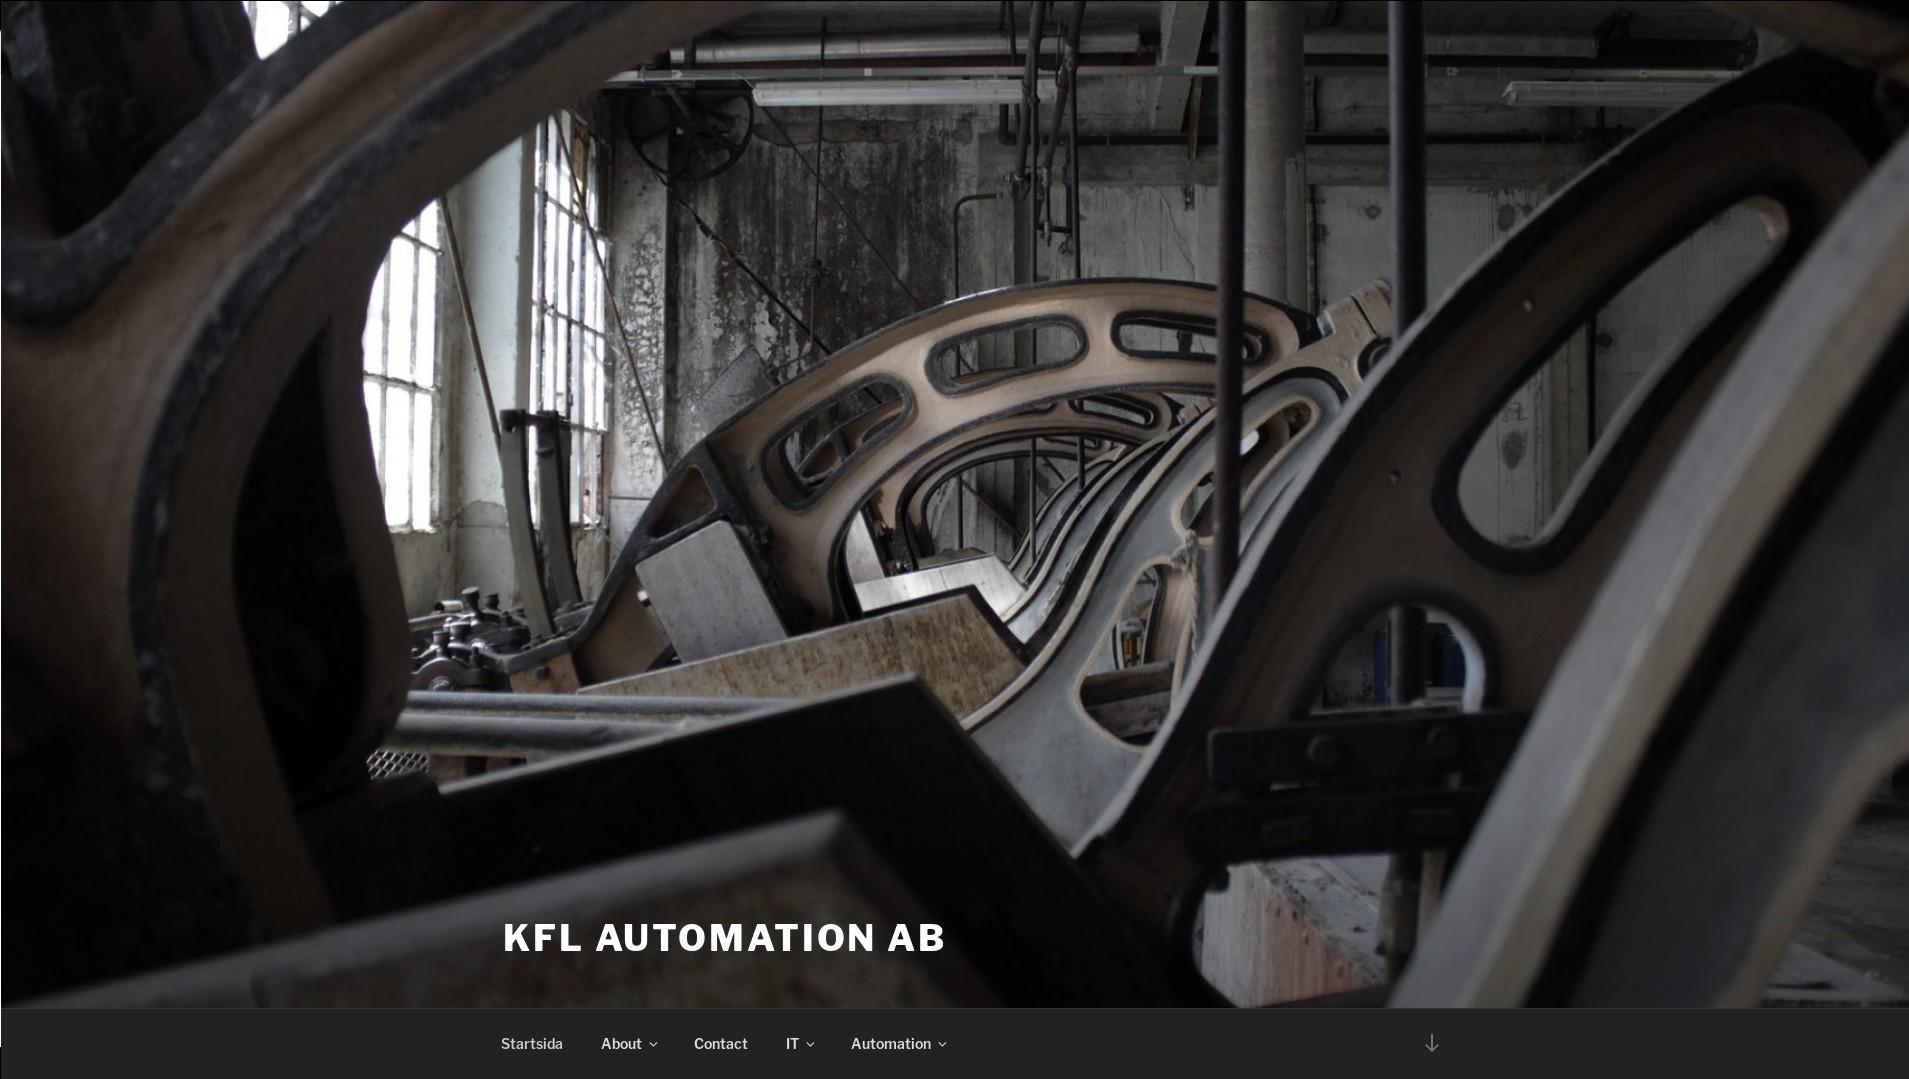 KFL Automation AB